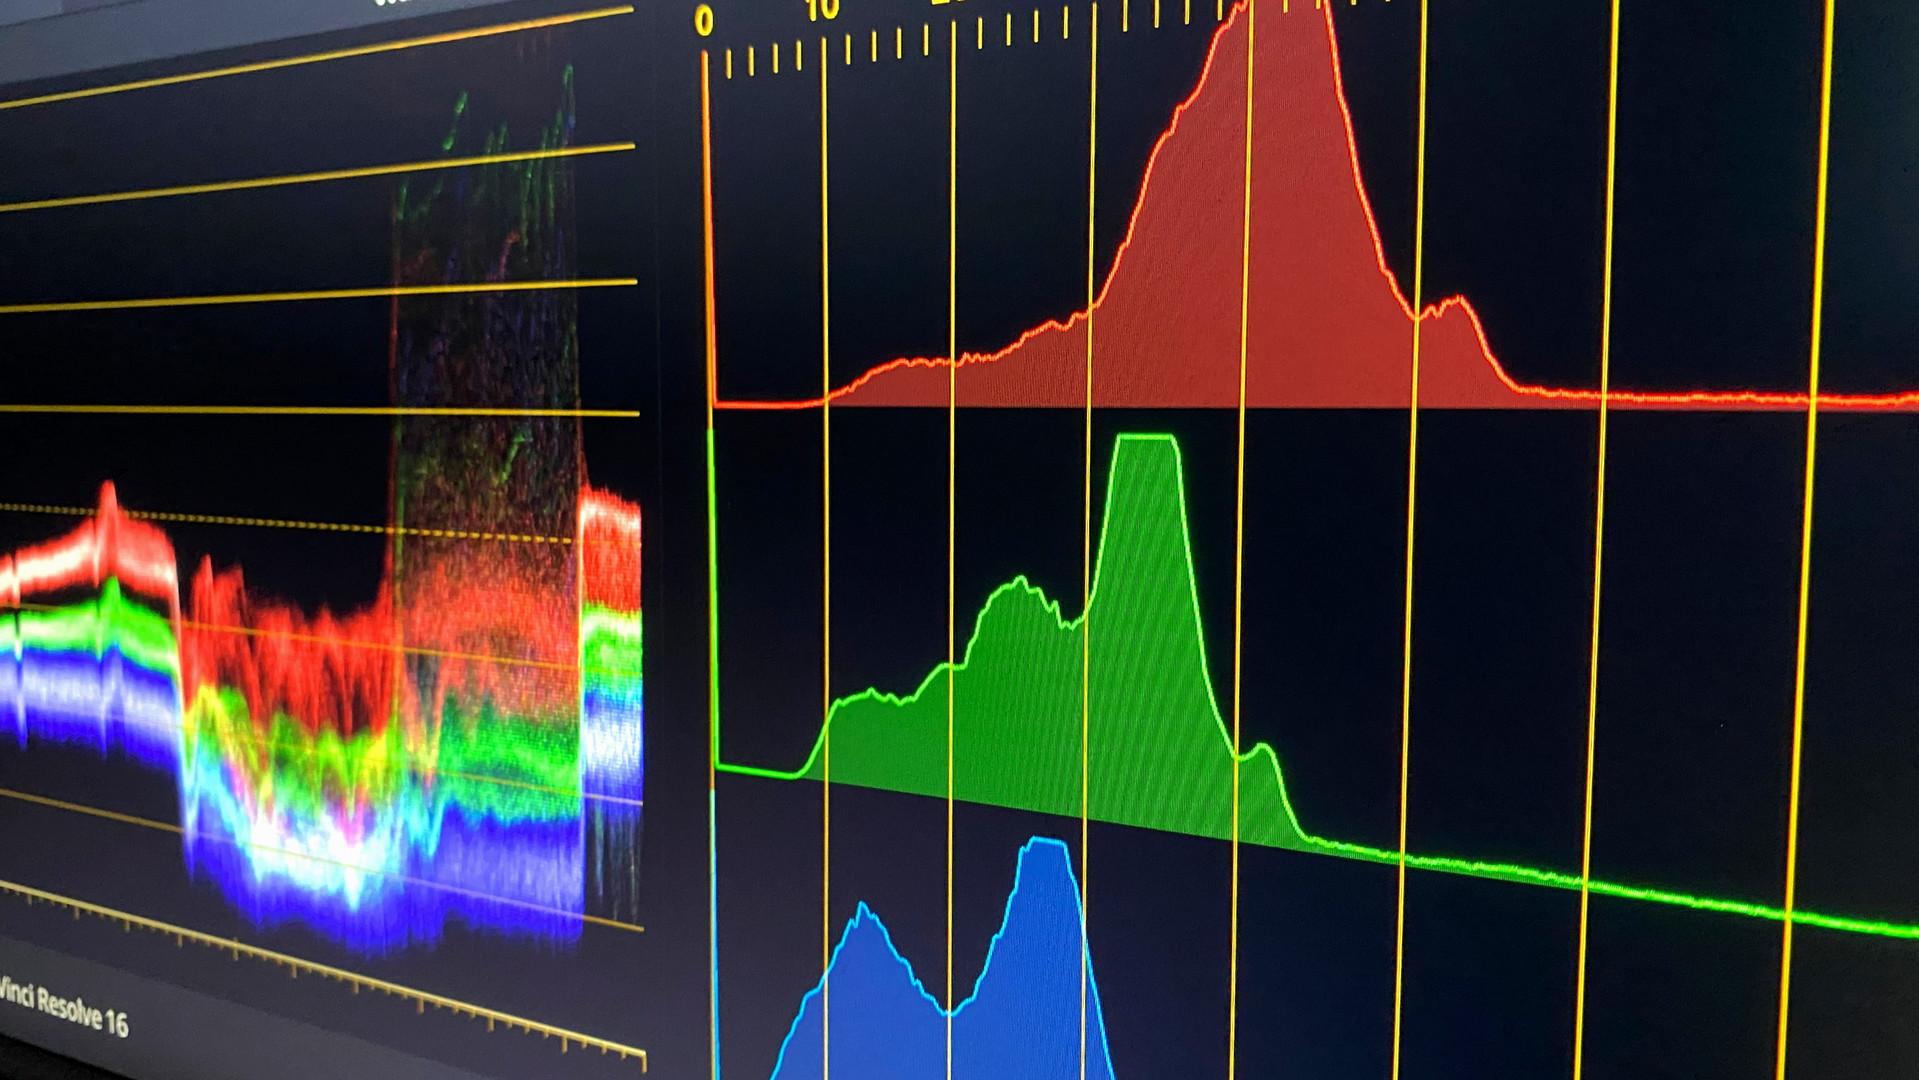 DaVinci Resolve Scopes/Waveforms